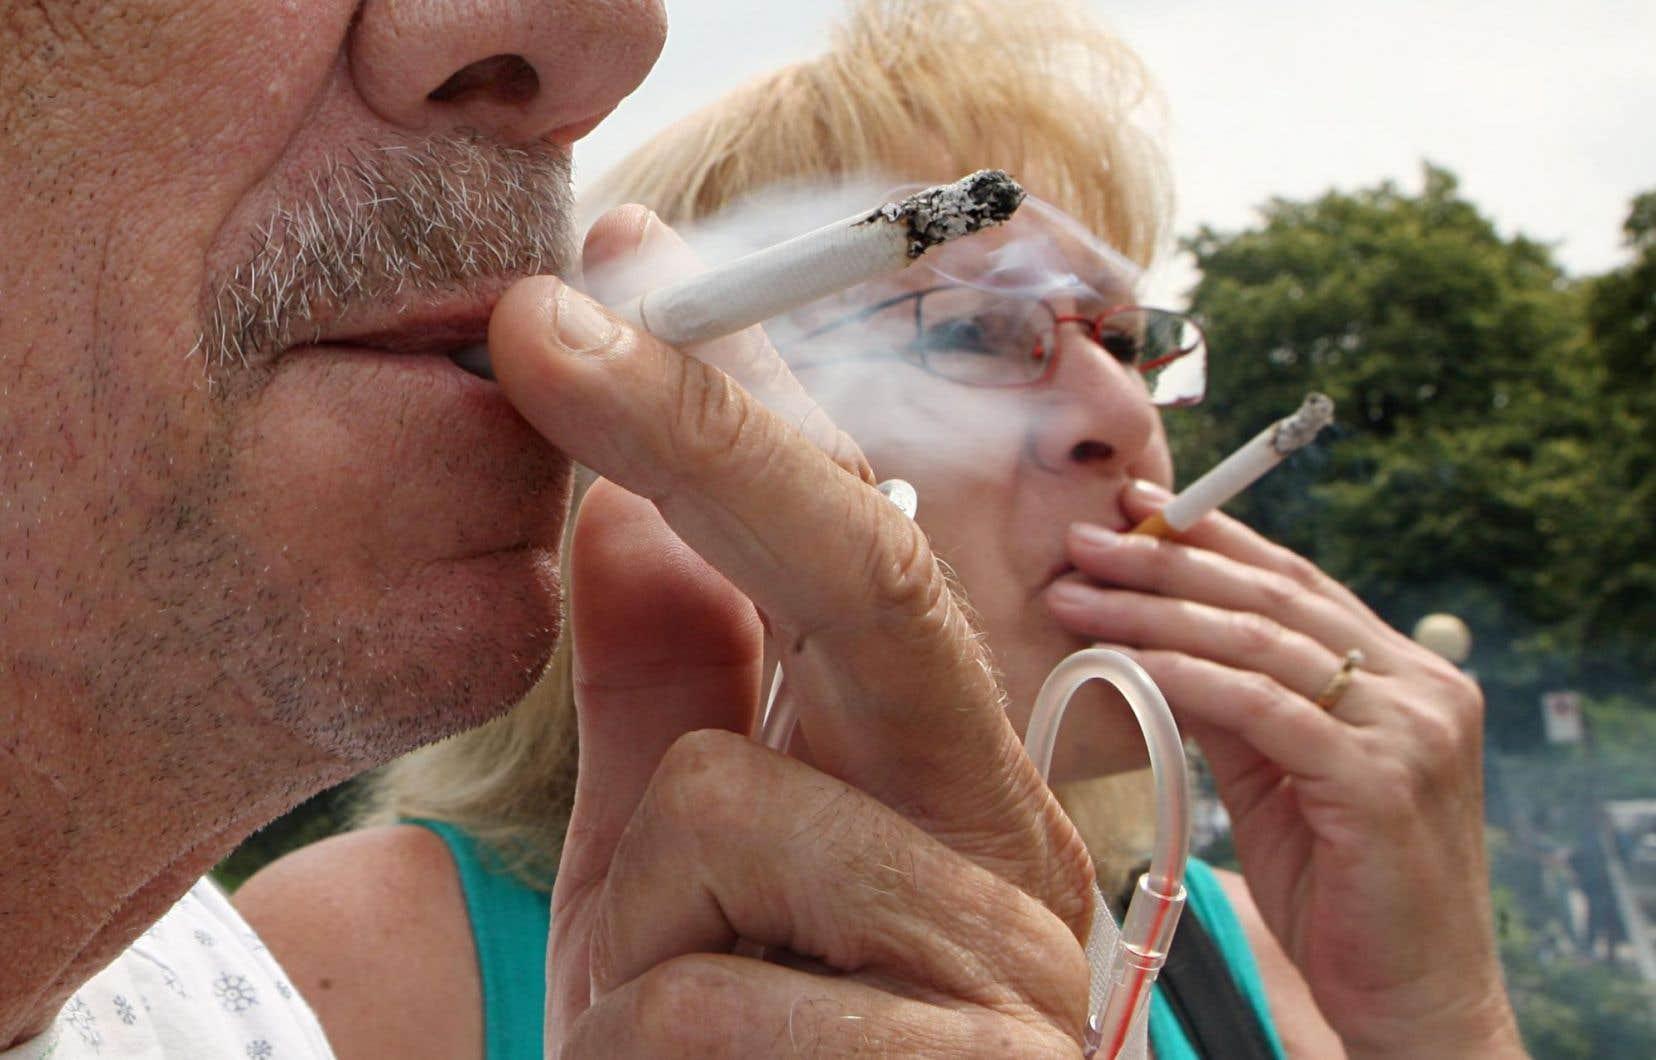 Les deux recours collectifs opposent trois cigarettiers canadiens à plus d'un million de Québécois atteints de graves maladies qu'ils disent causées par le tabac.